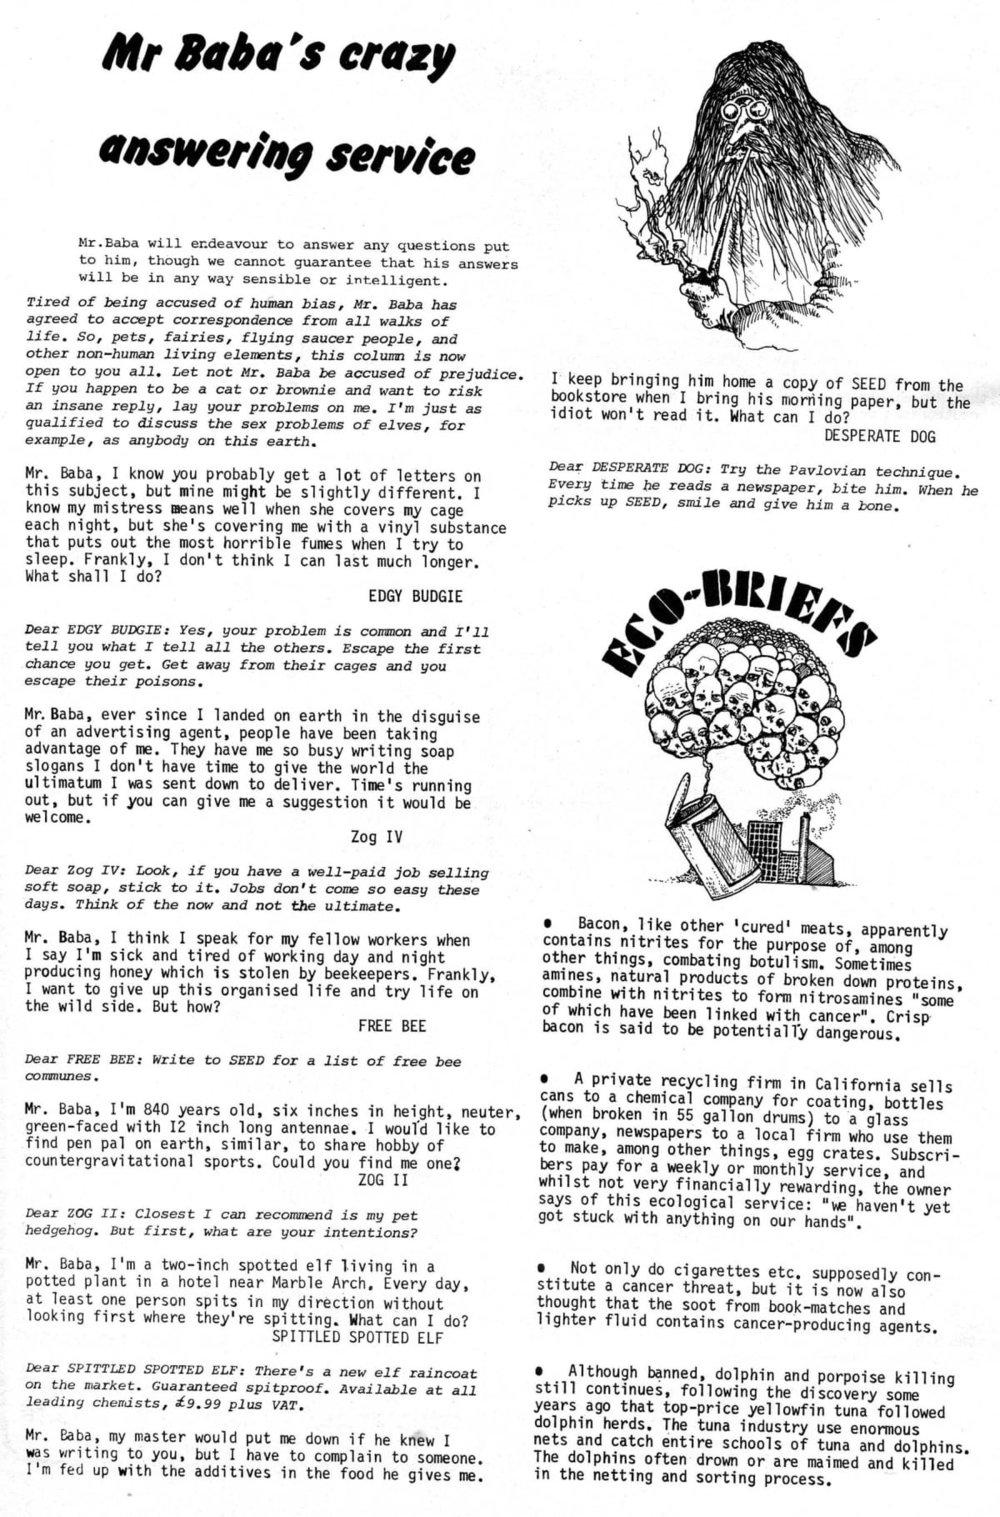 seed-v4-n3-march1975-06.jpg